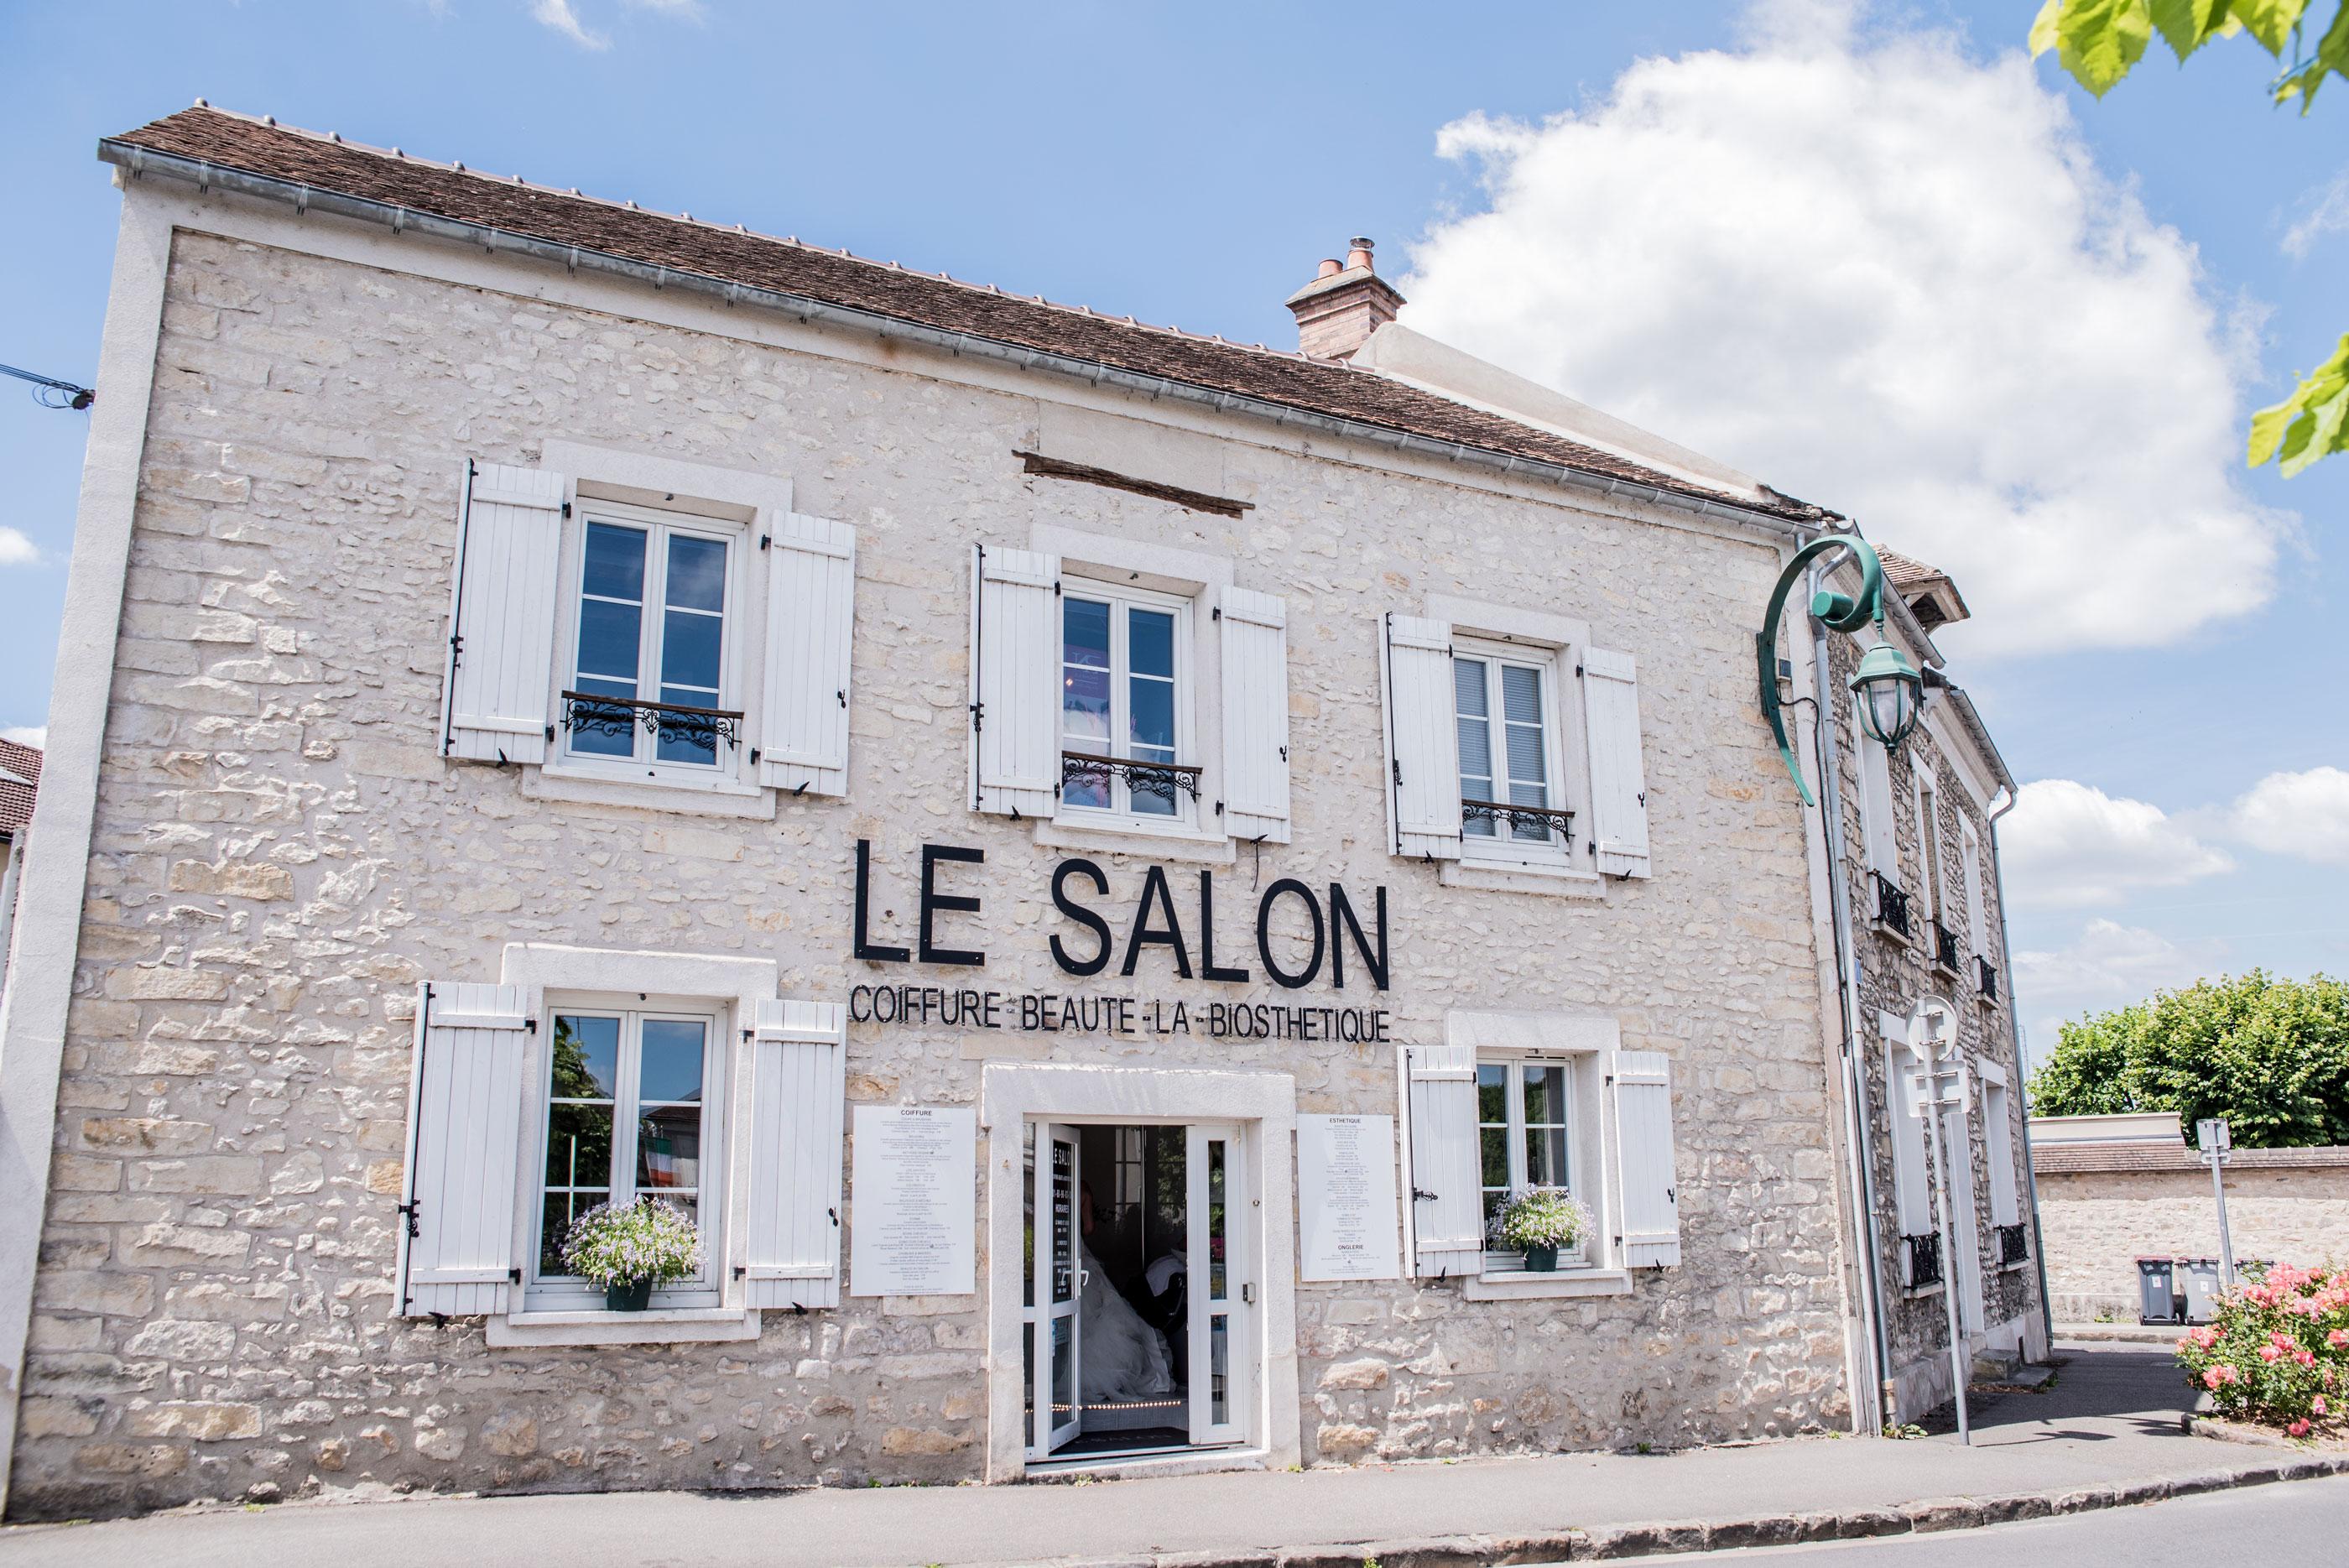 Le-salon-moret-sur-loing